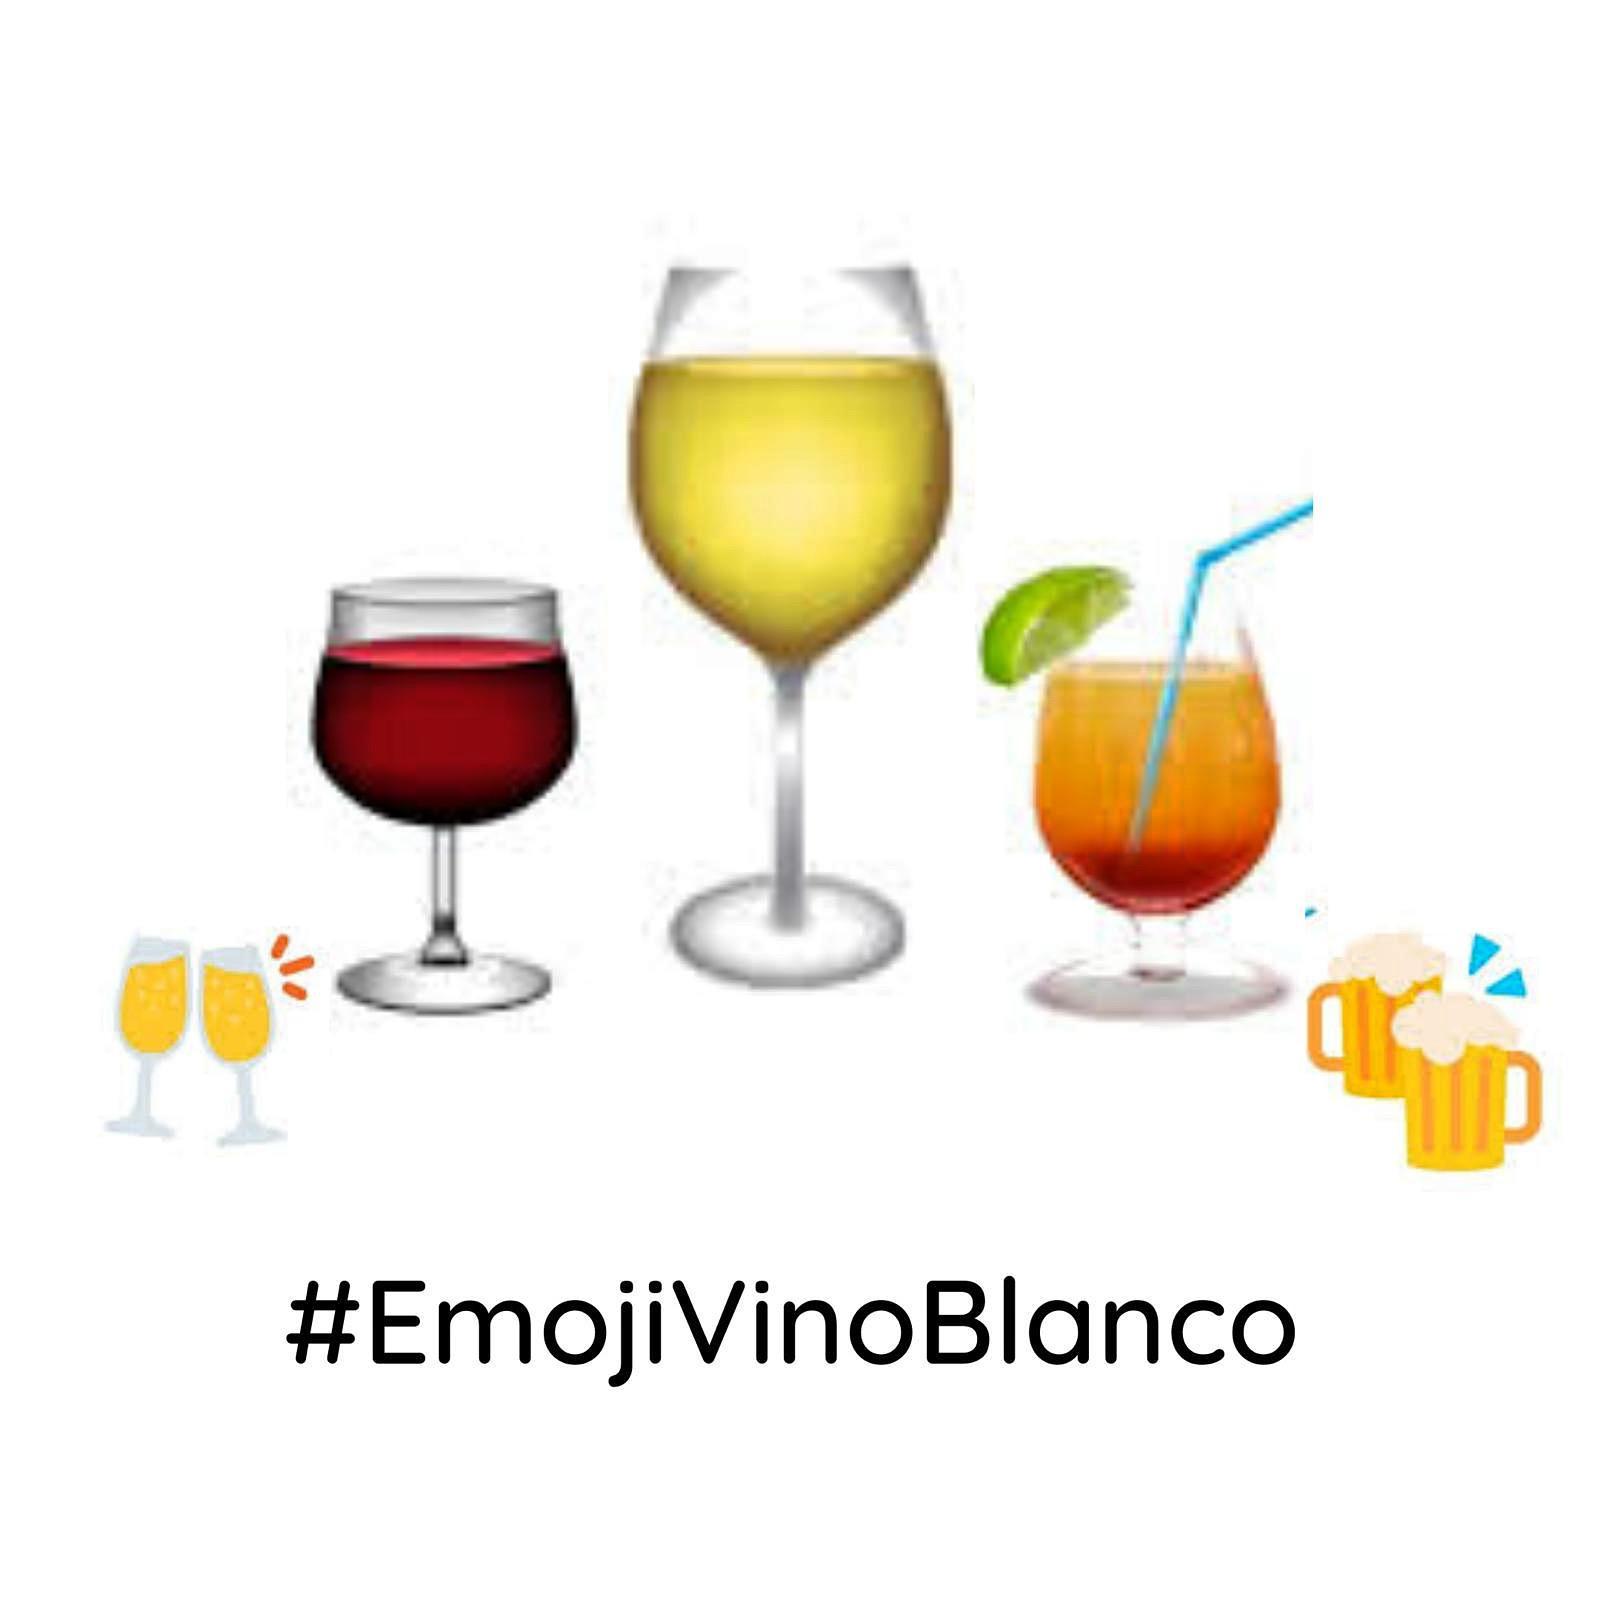 Emoji Vino Blanco